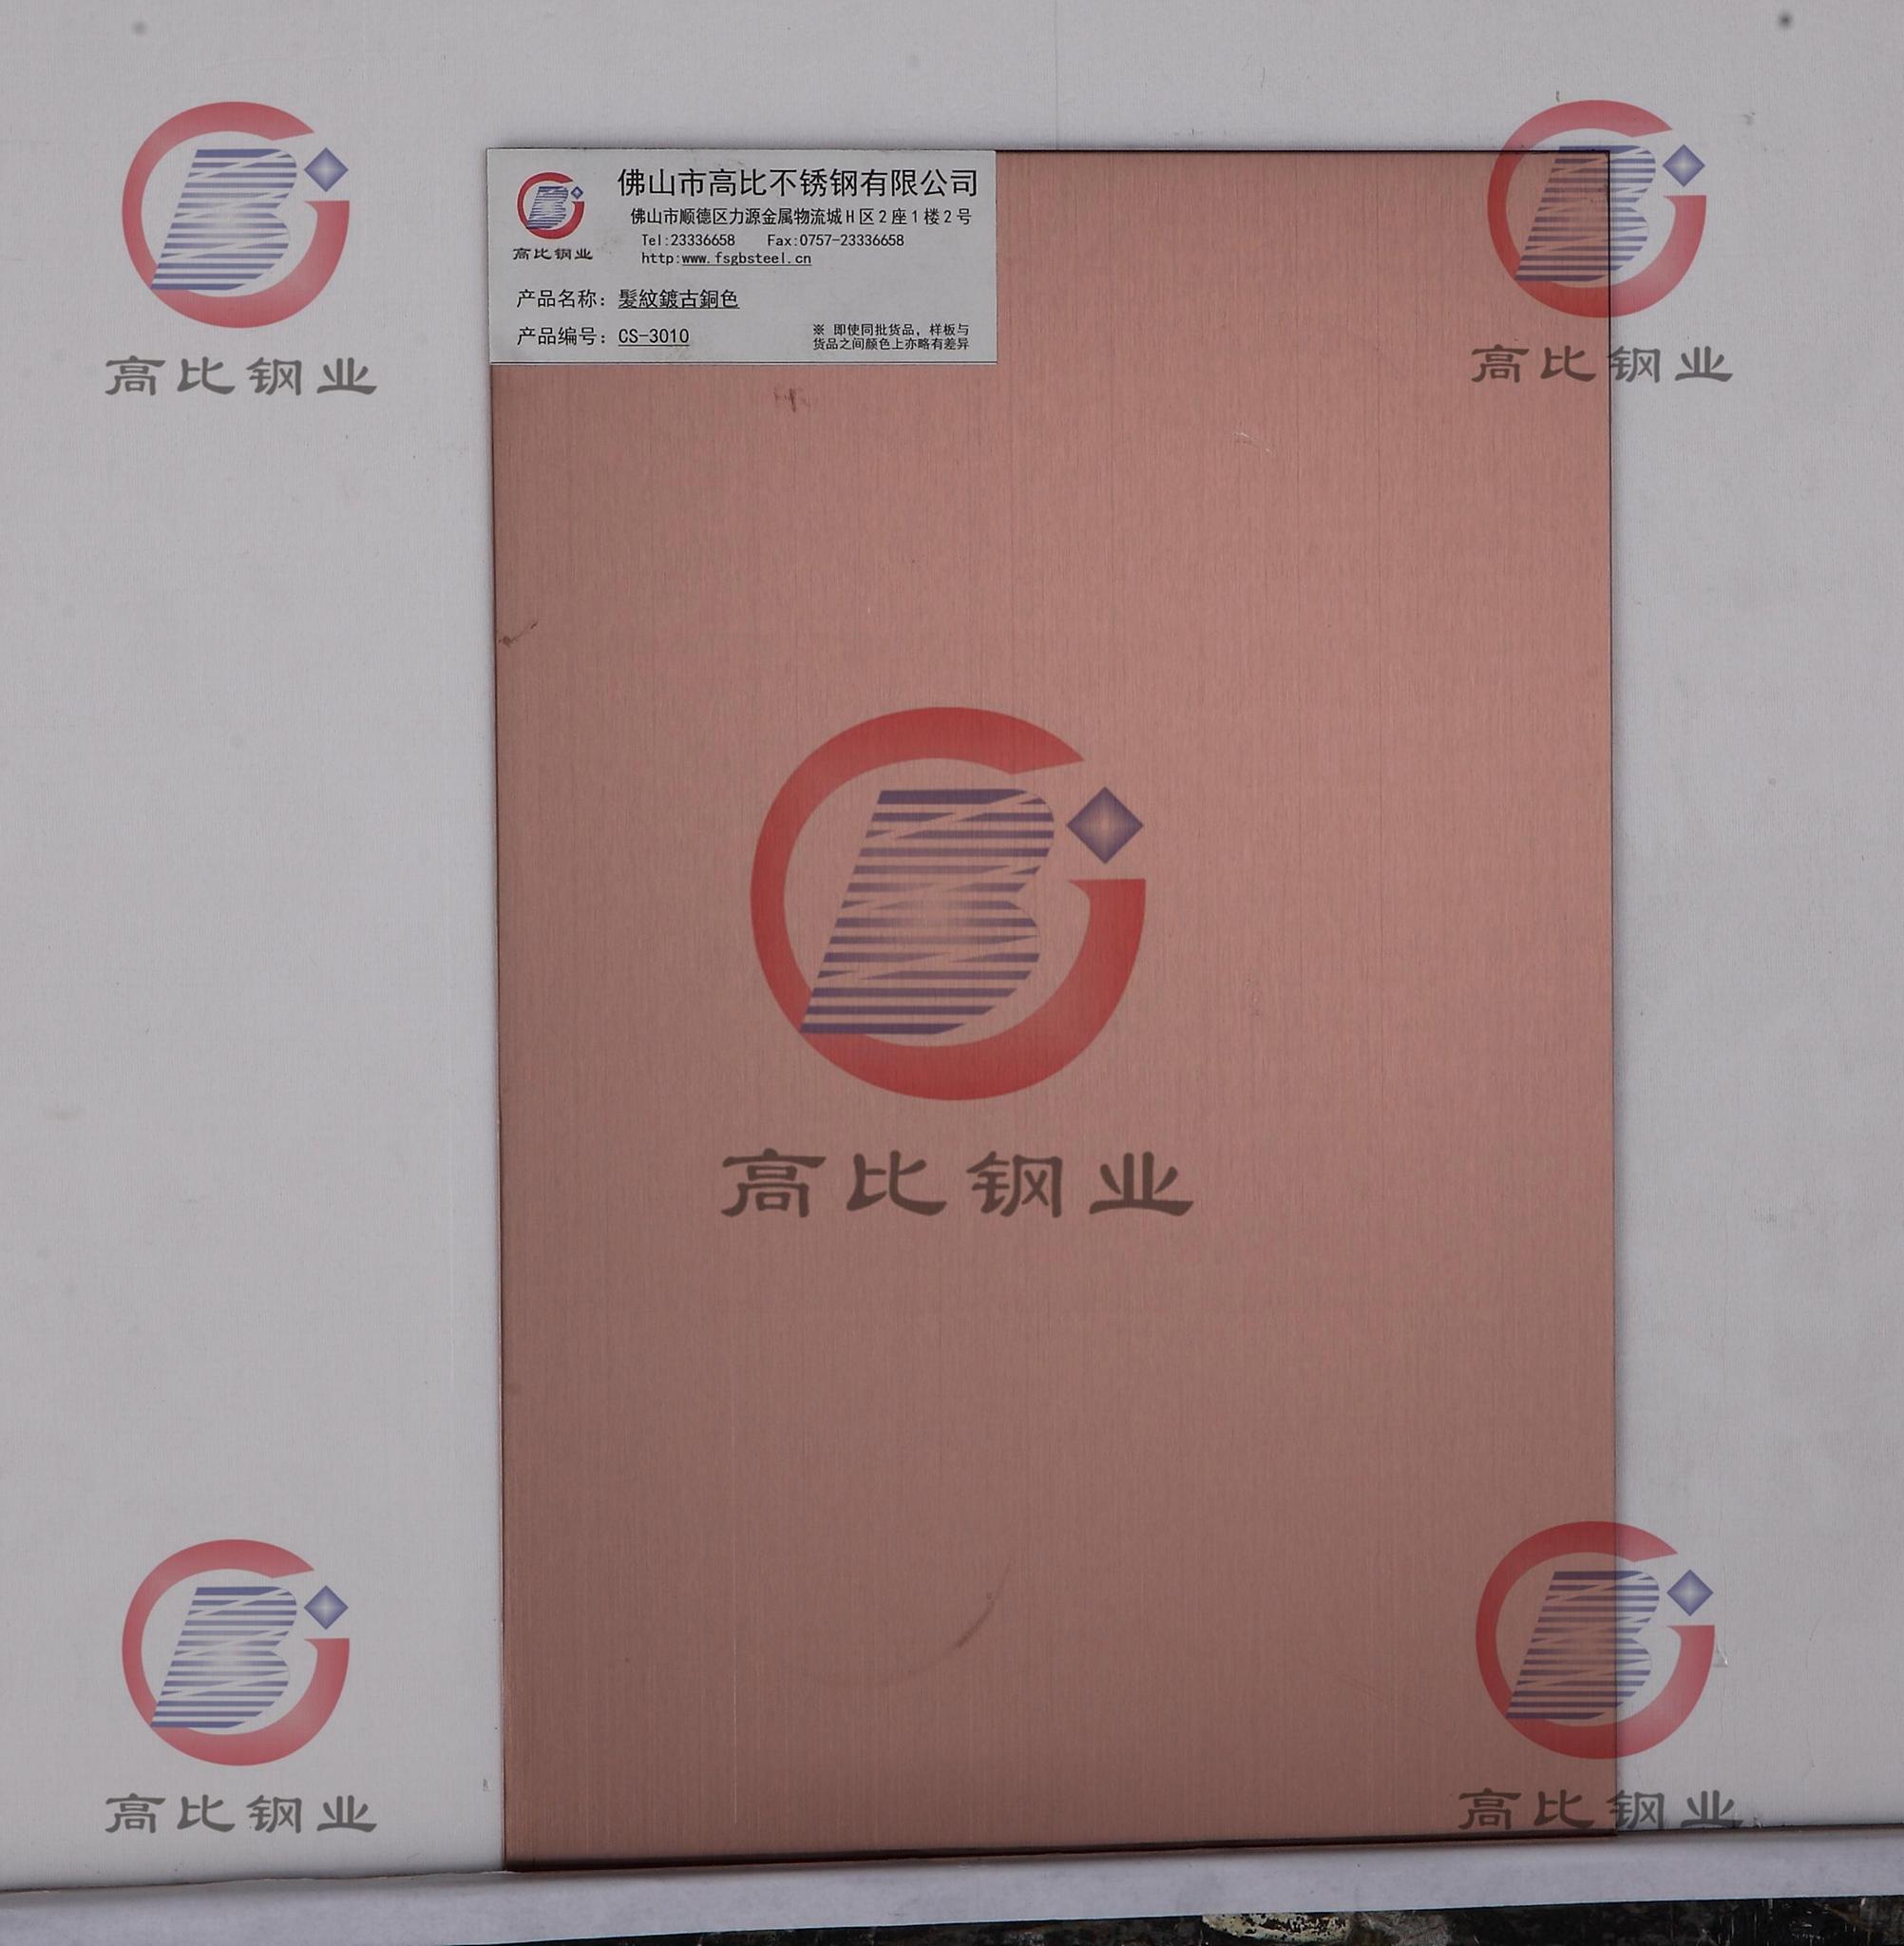 CS-3010 發紋鍍古銅不鏽鋼板 高比抗指紋不鏽鋼板 1